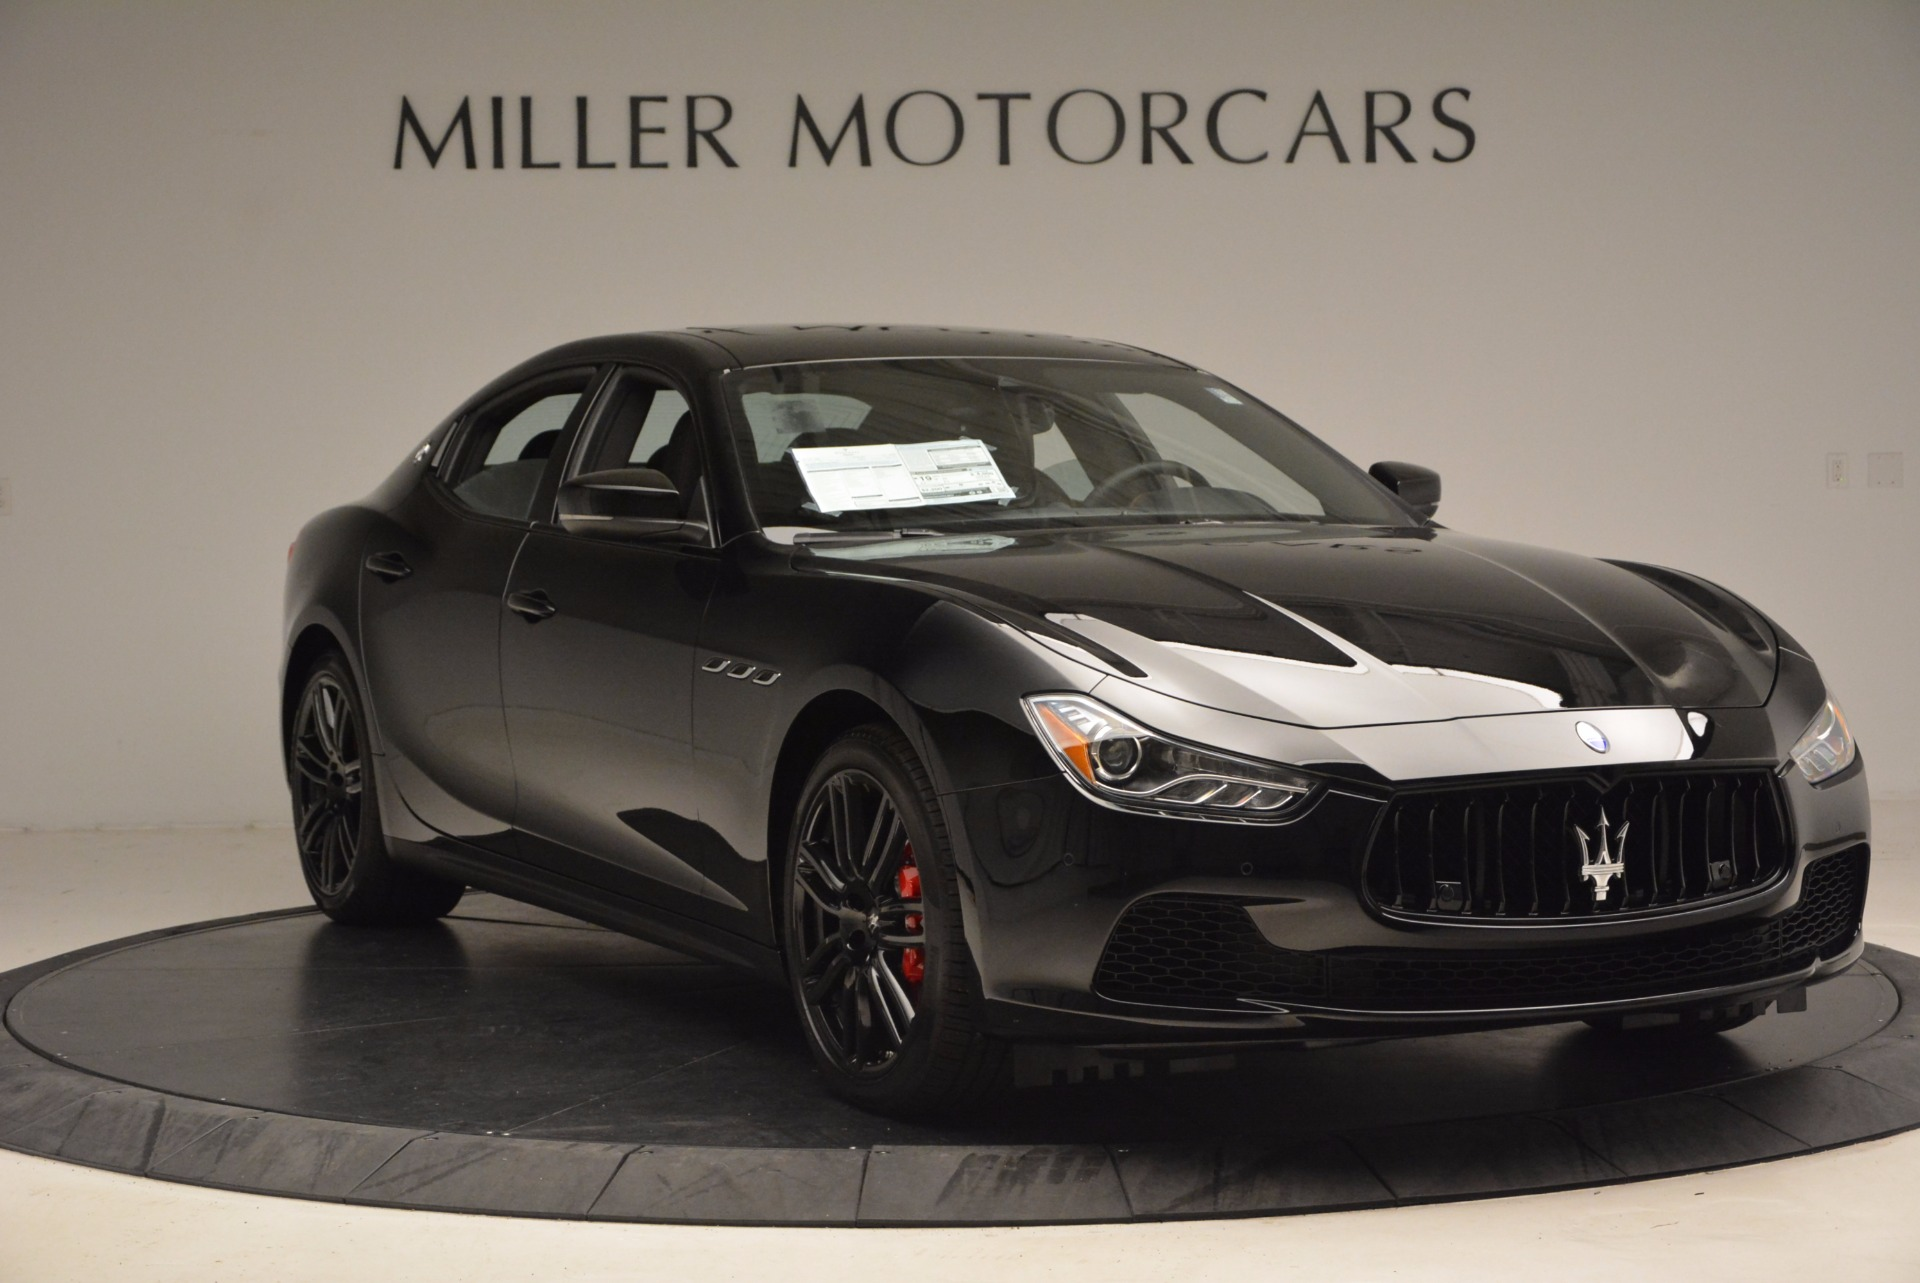 New 2017 Maserati Ghibli Nerissimo Edition S Q4 For Sale In Greenwich, CT 1420_p11